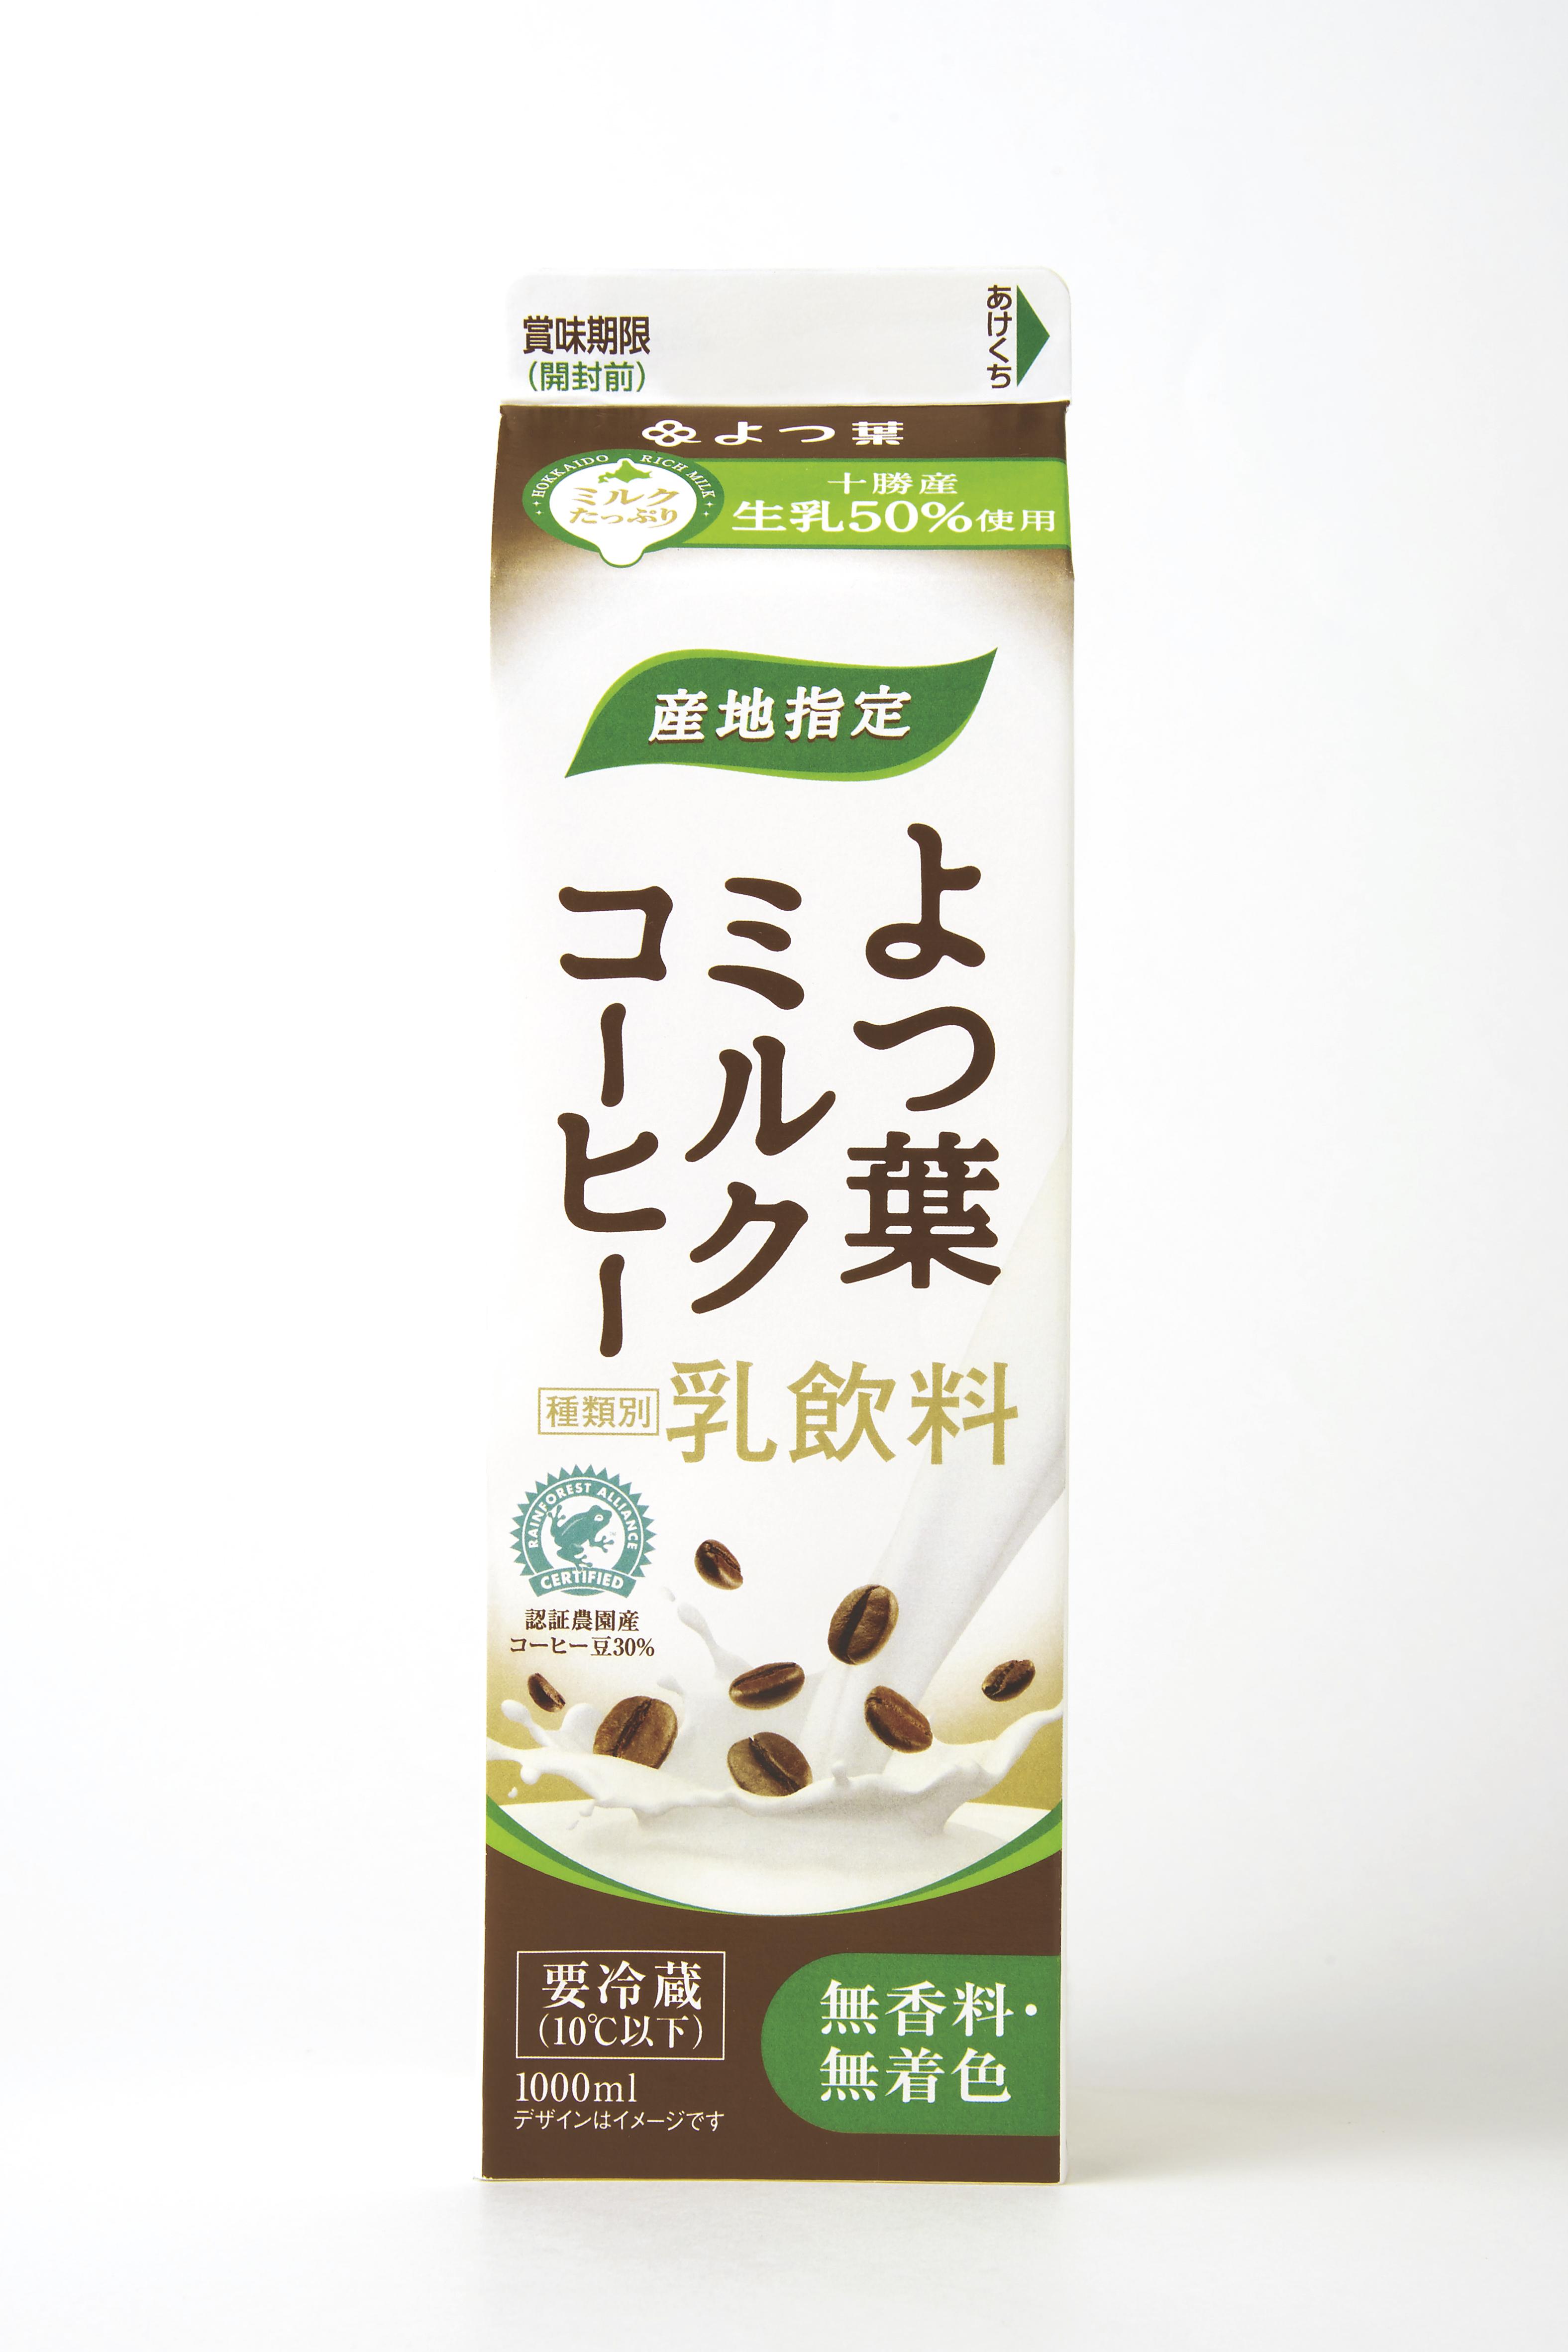 よつ葉 産地指定ミルクコーヒー